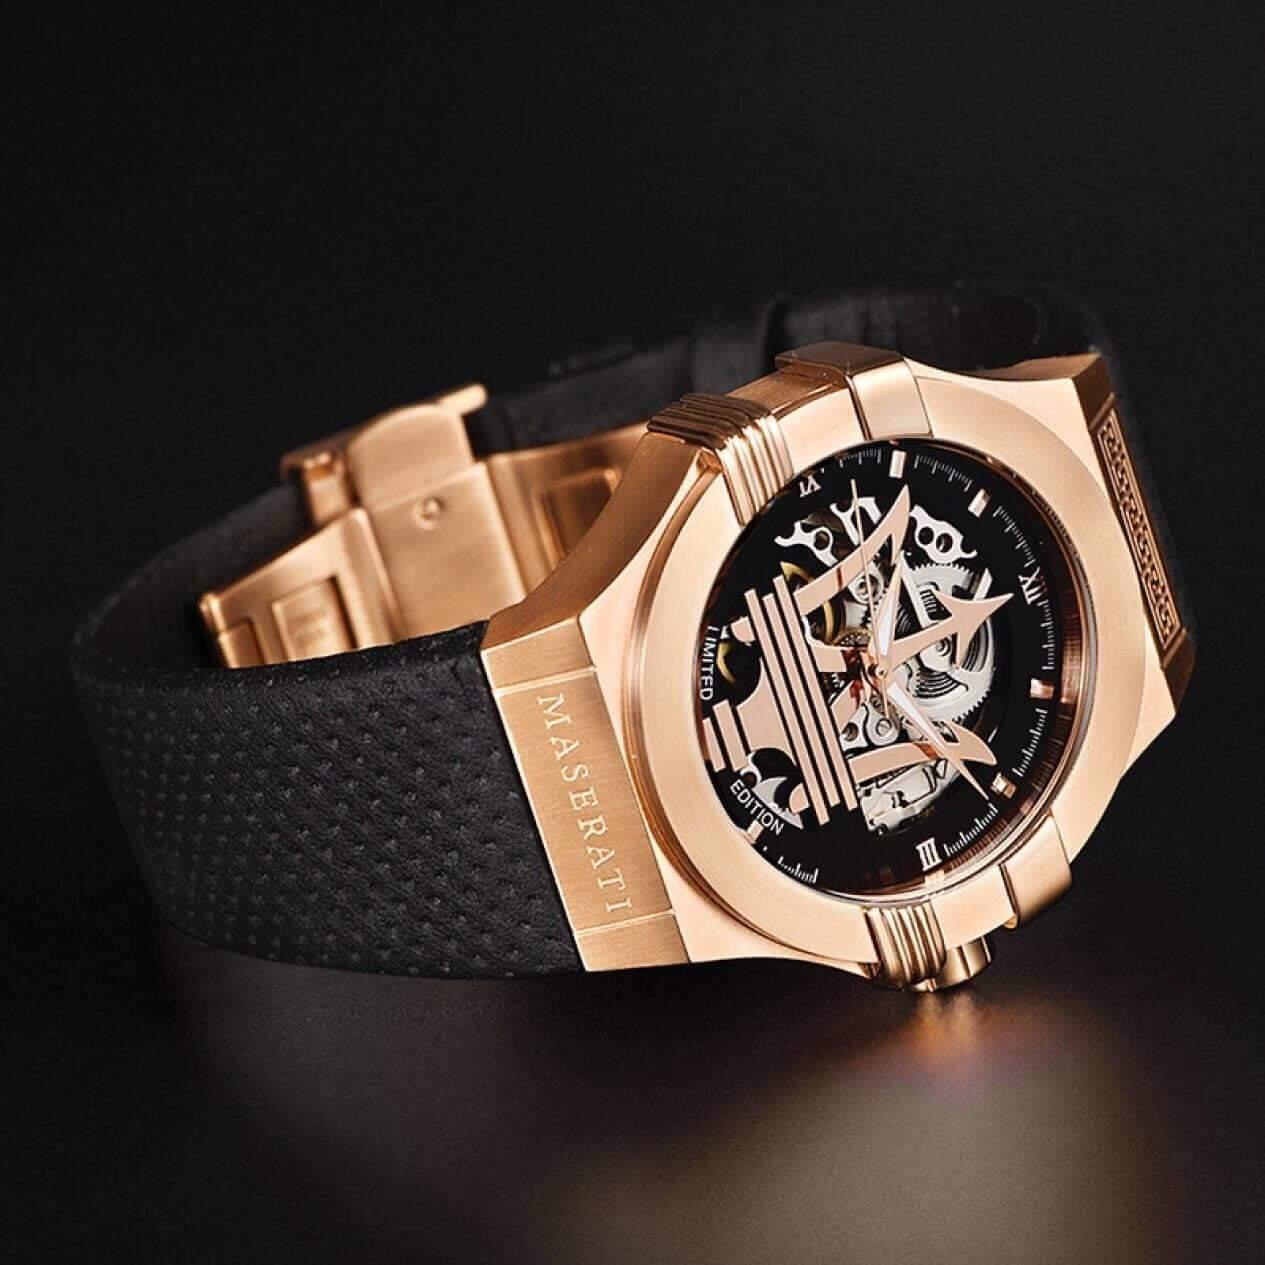 Đồng hồ nam Maserati Potenza Limited R8821108025 – Đồng hồ tulen